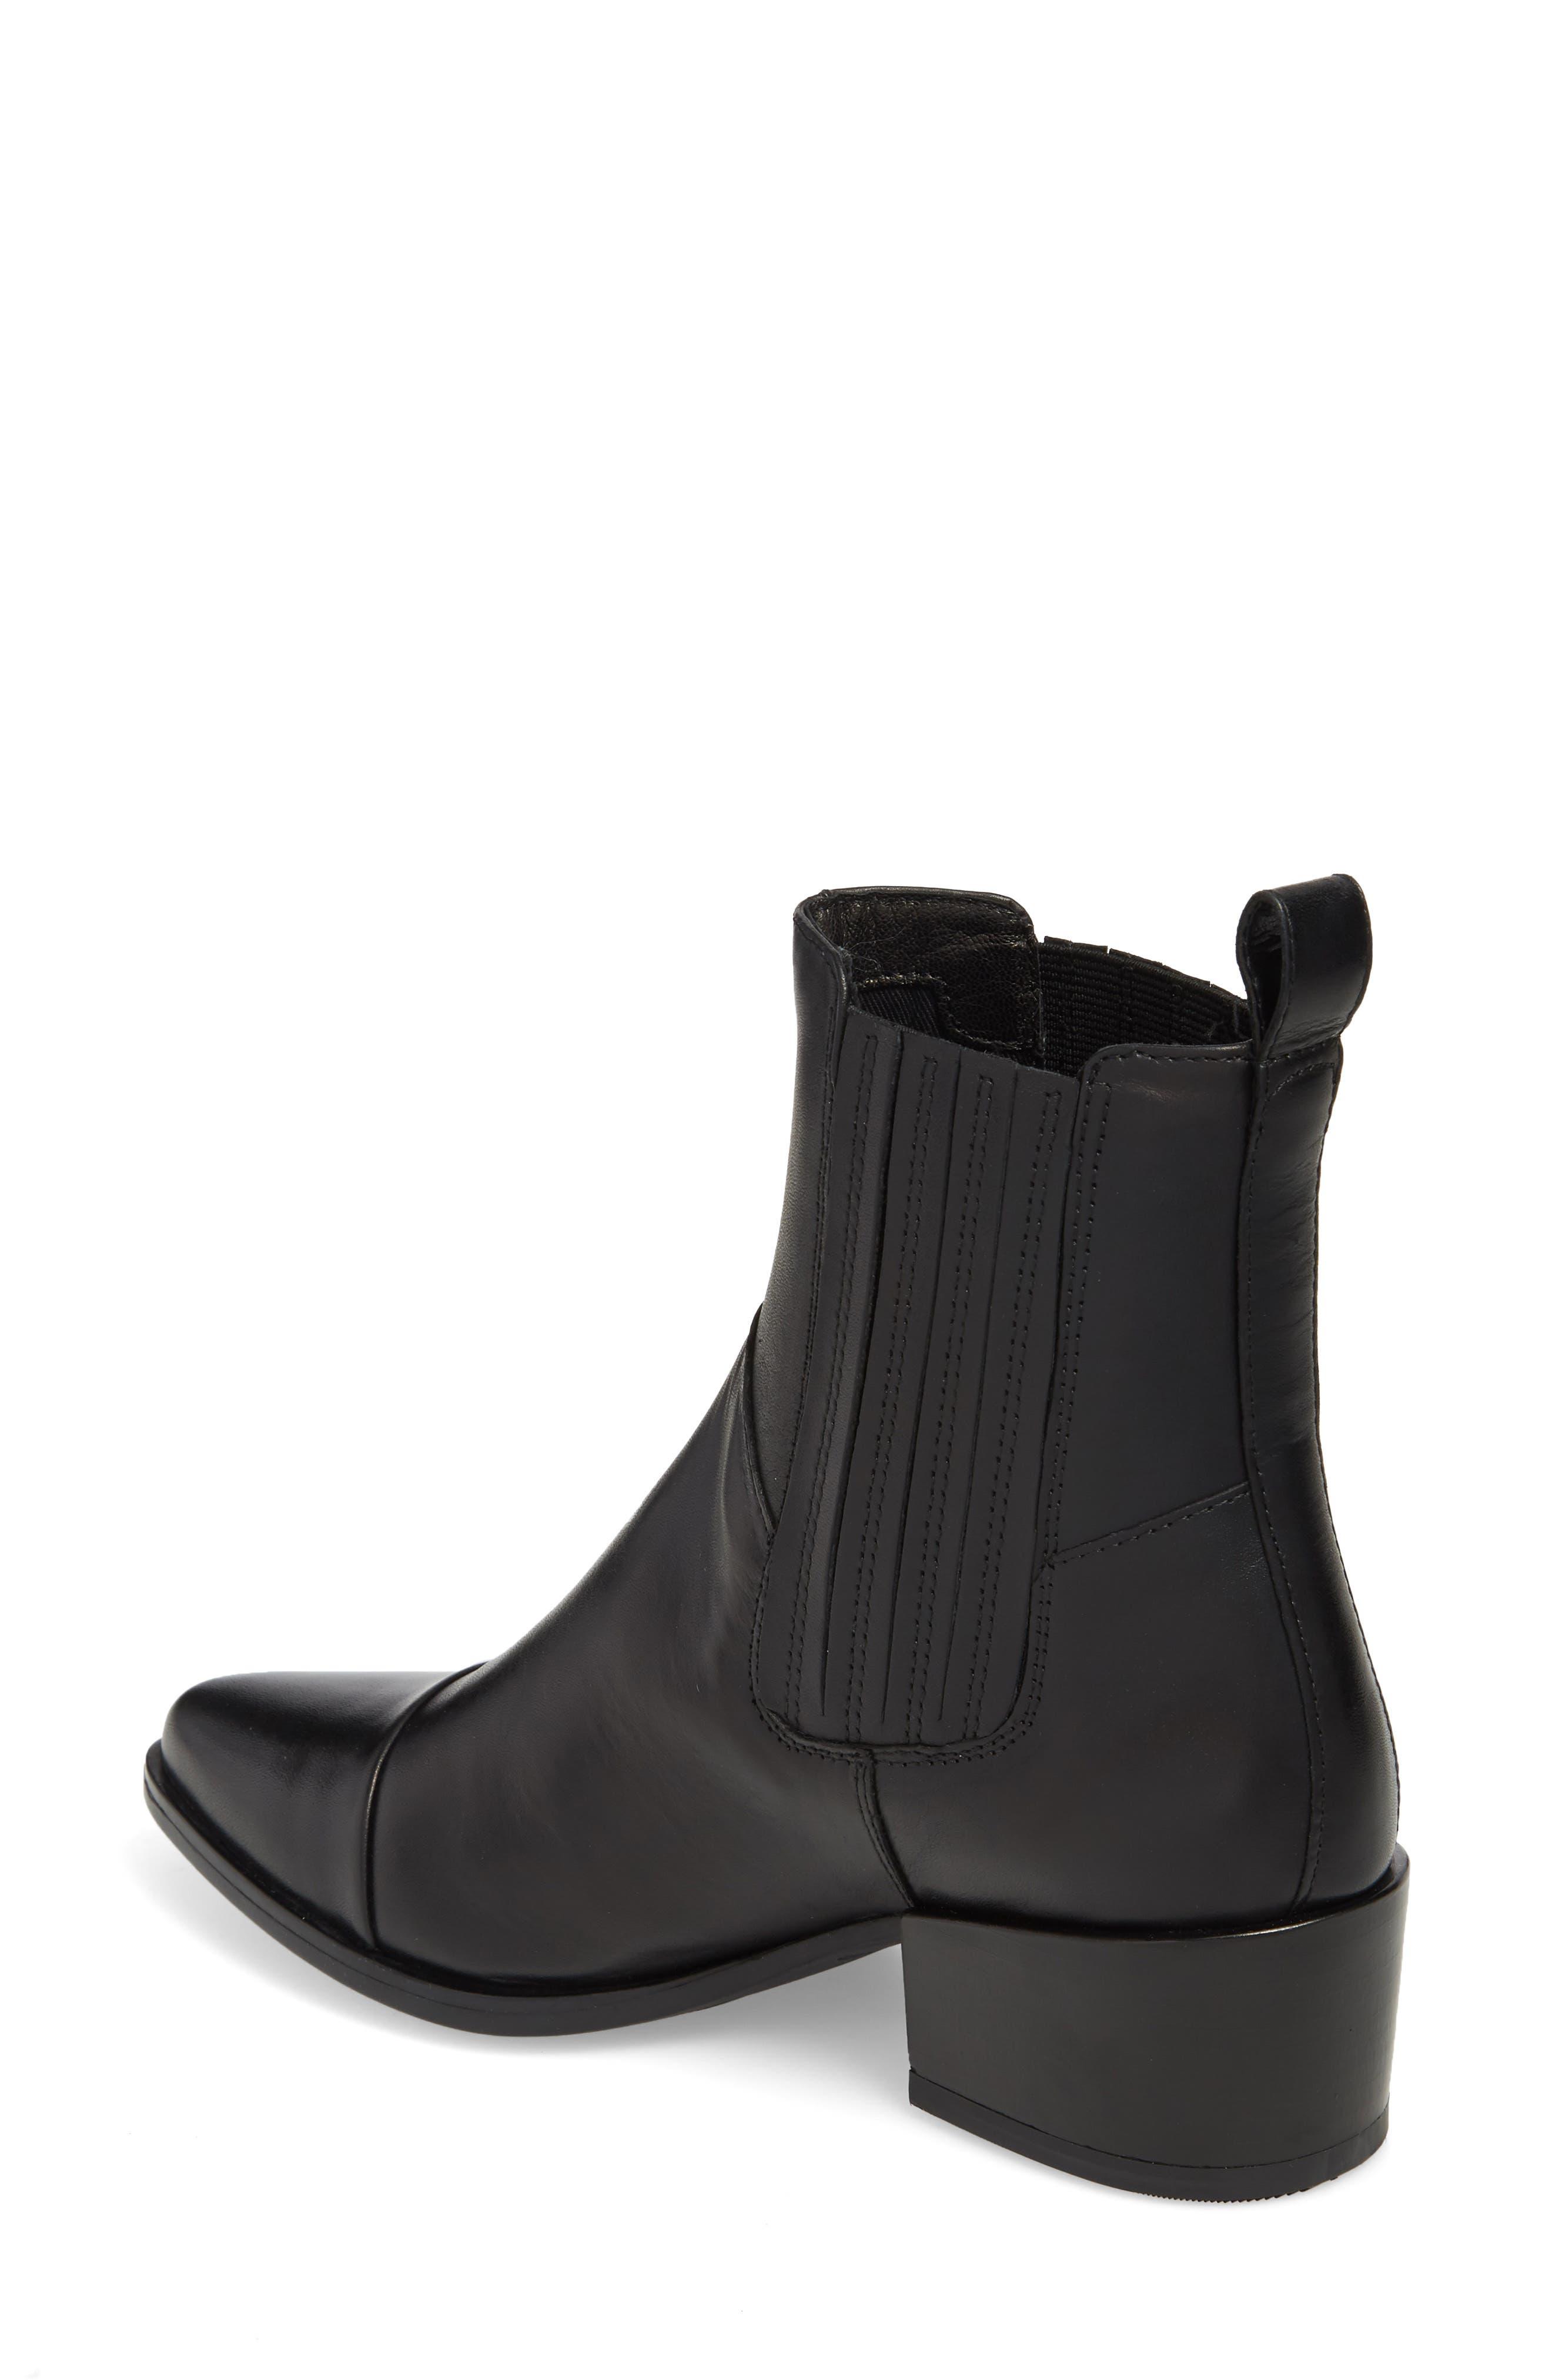 VAGABOND,                             Shoemakers Marja Cap Toe Bootie,                             Alternate thumbnail 2, color,                             BLACK LEATHER